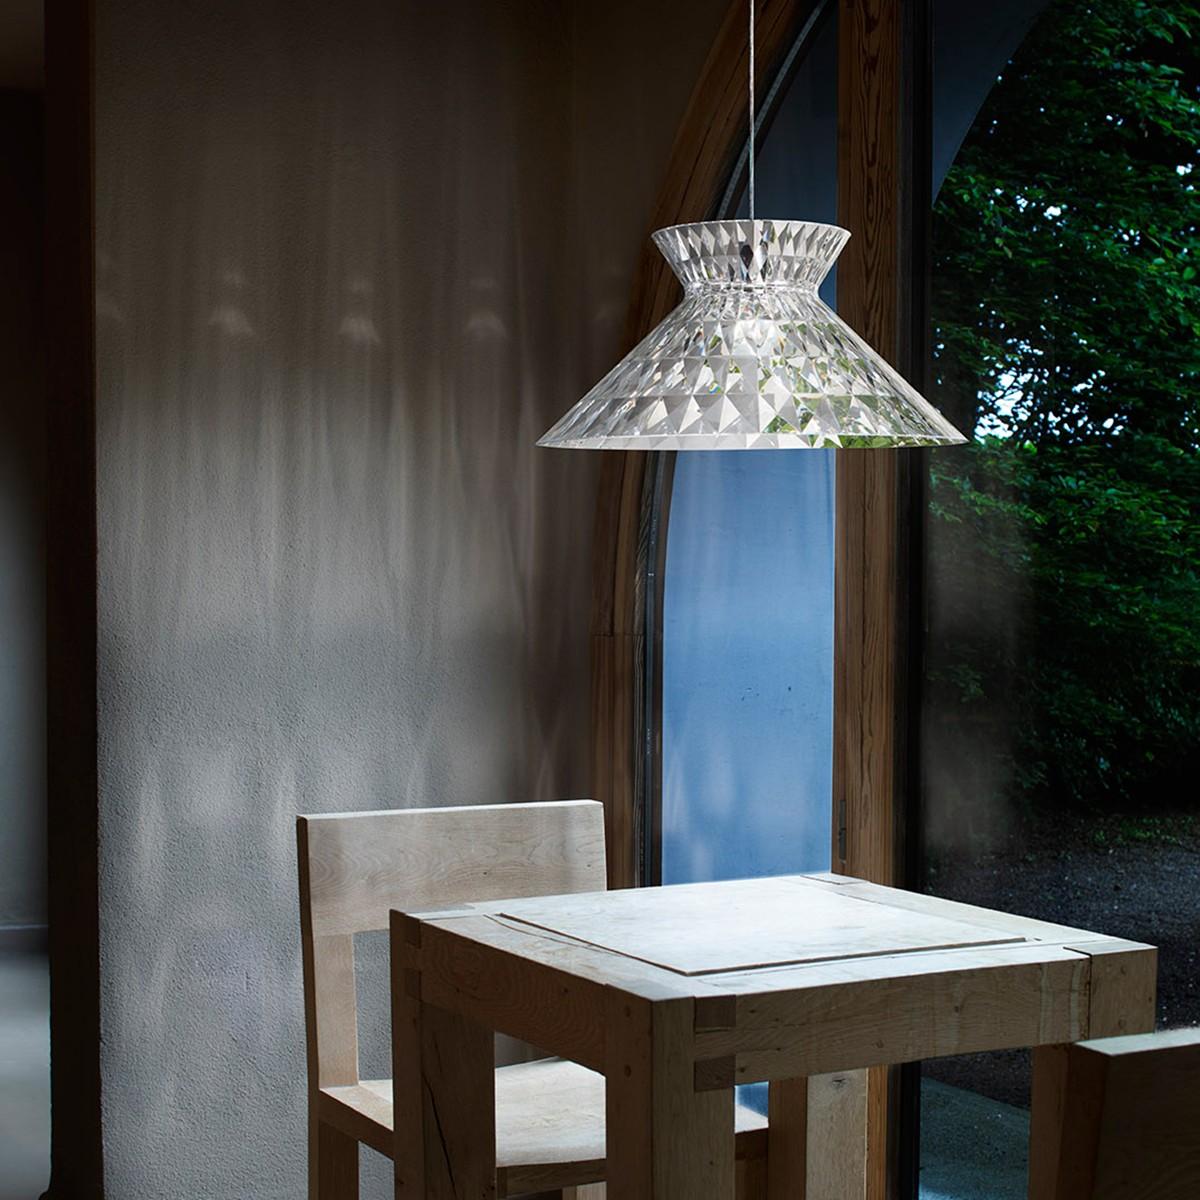 Studio Italia Design Sugegasa Pendelleuchte, Schirm: klar